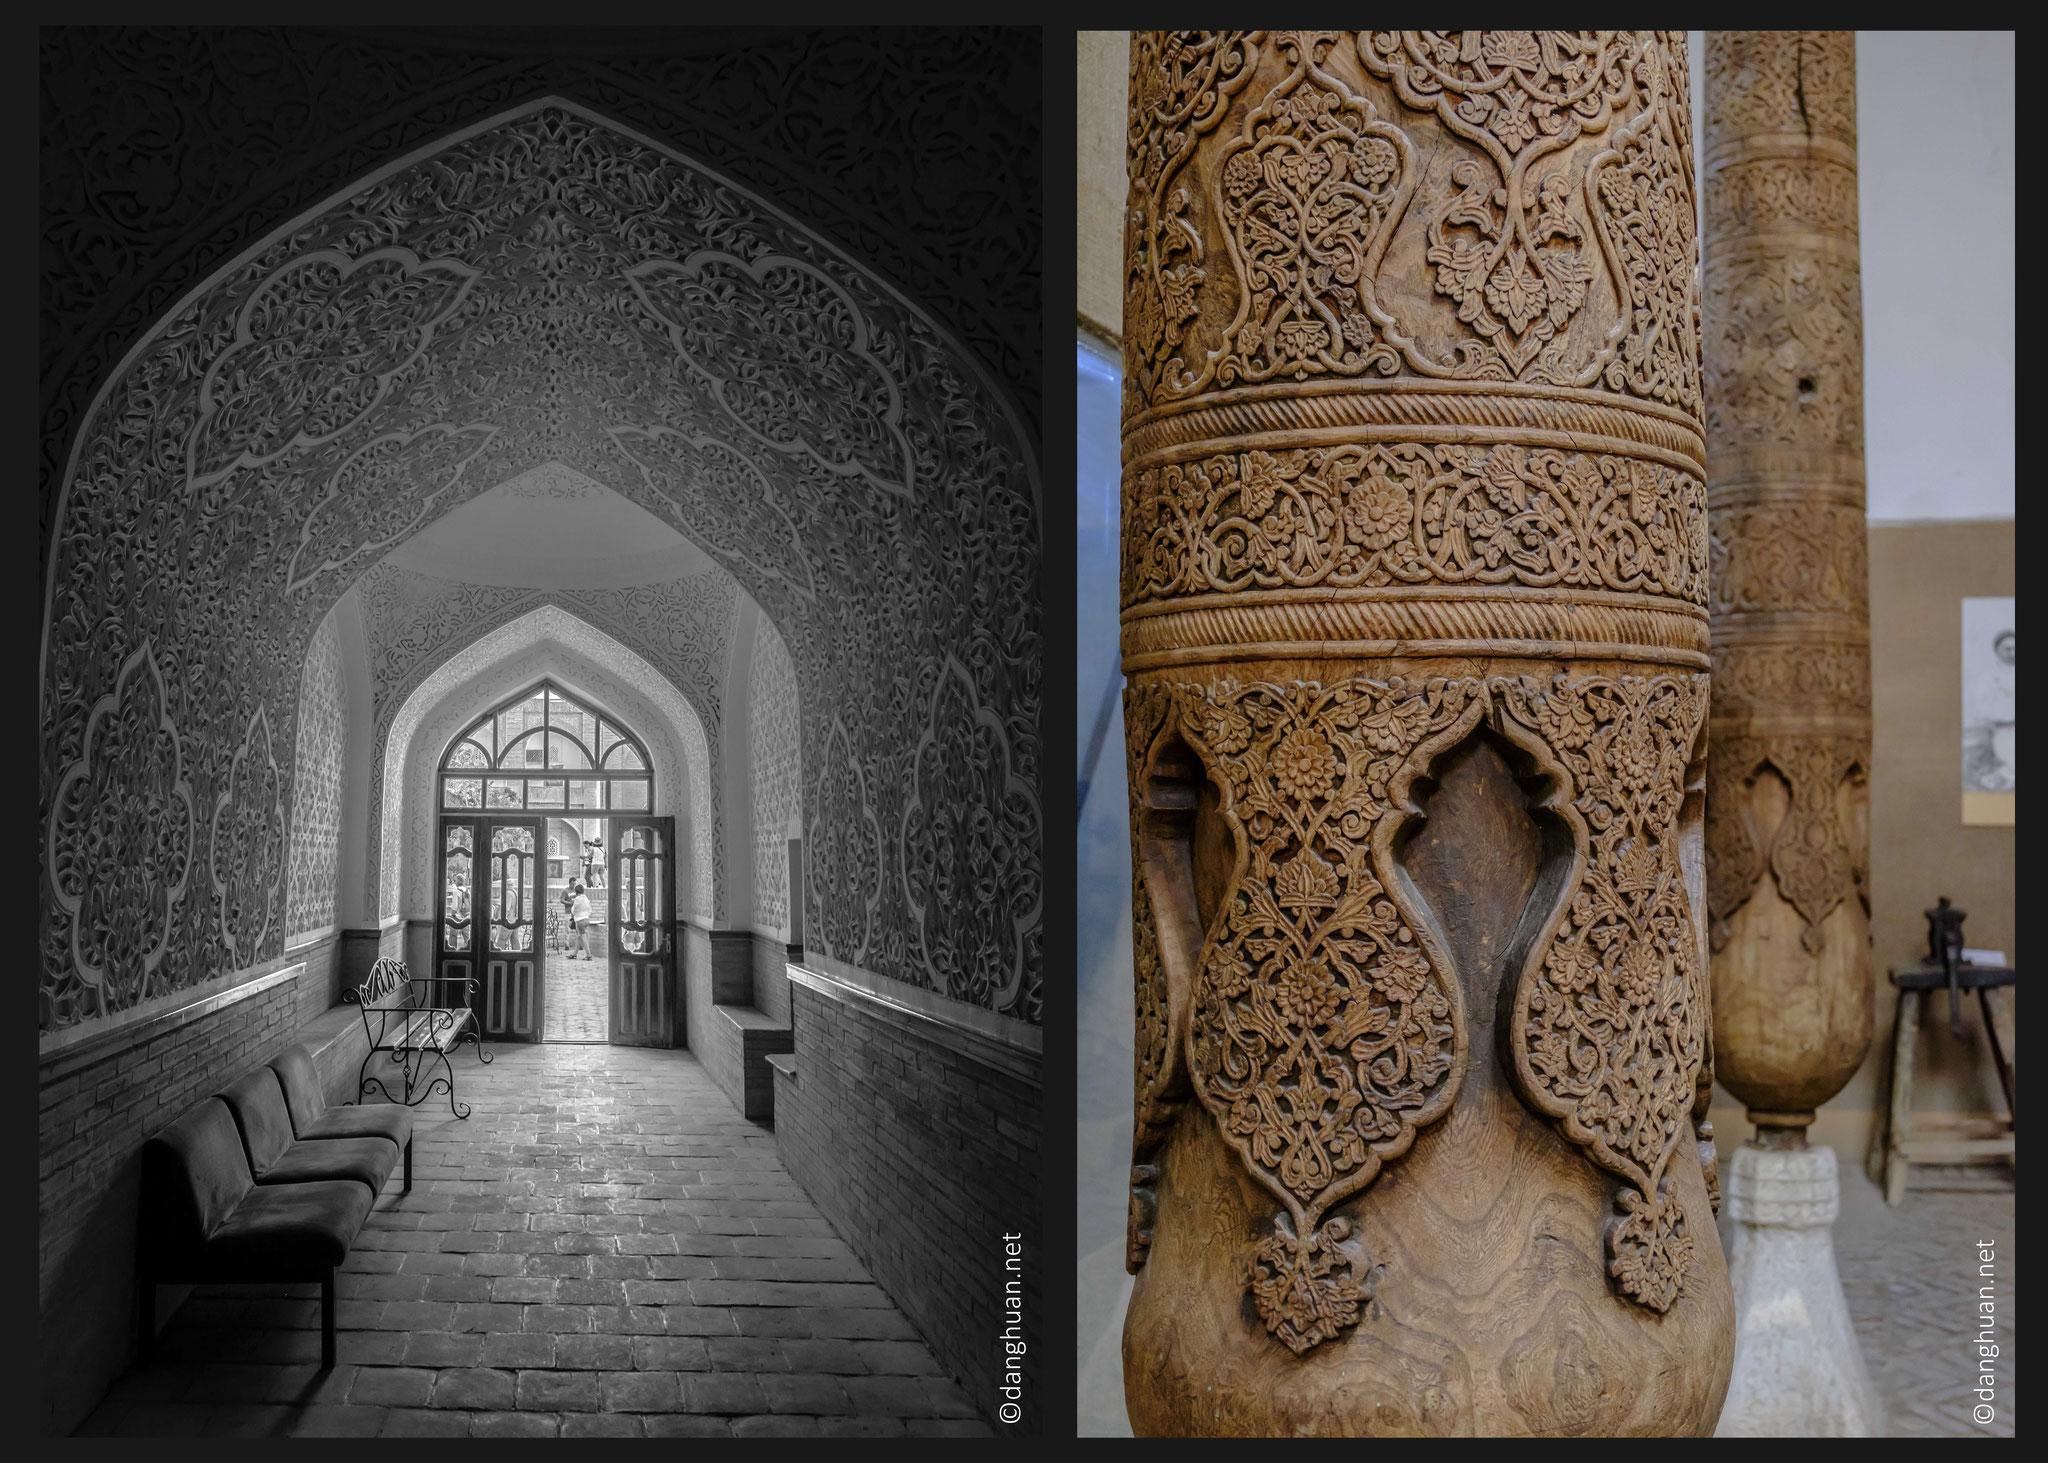 éléments architecturaux dont la colonne sculptée